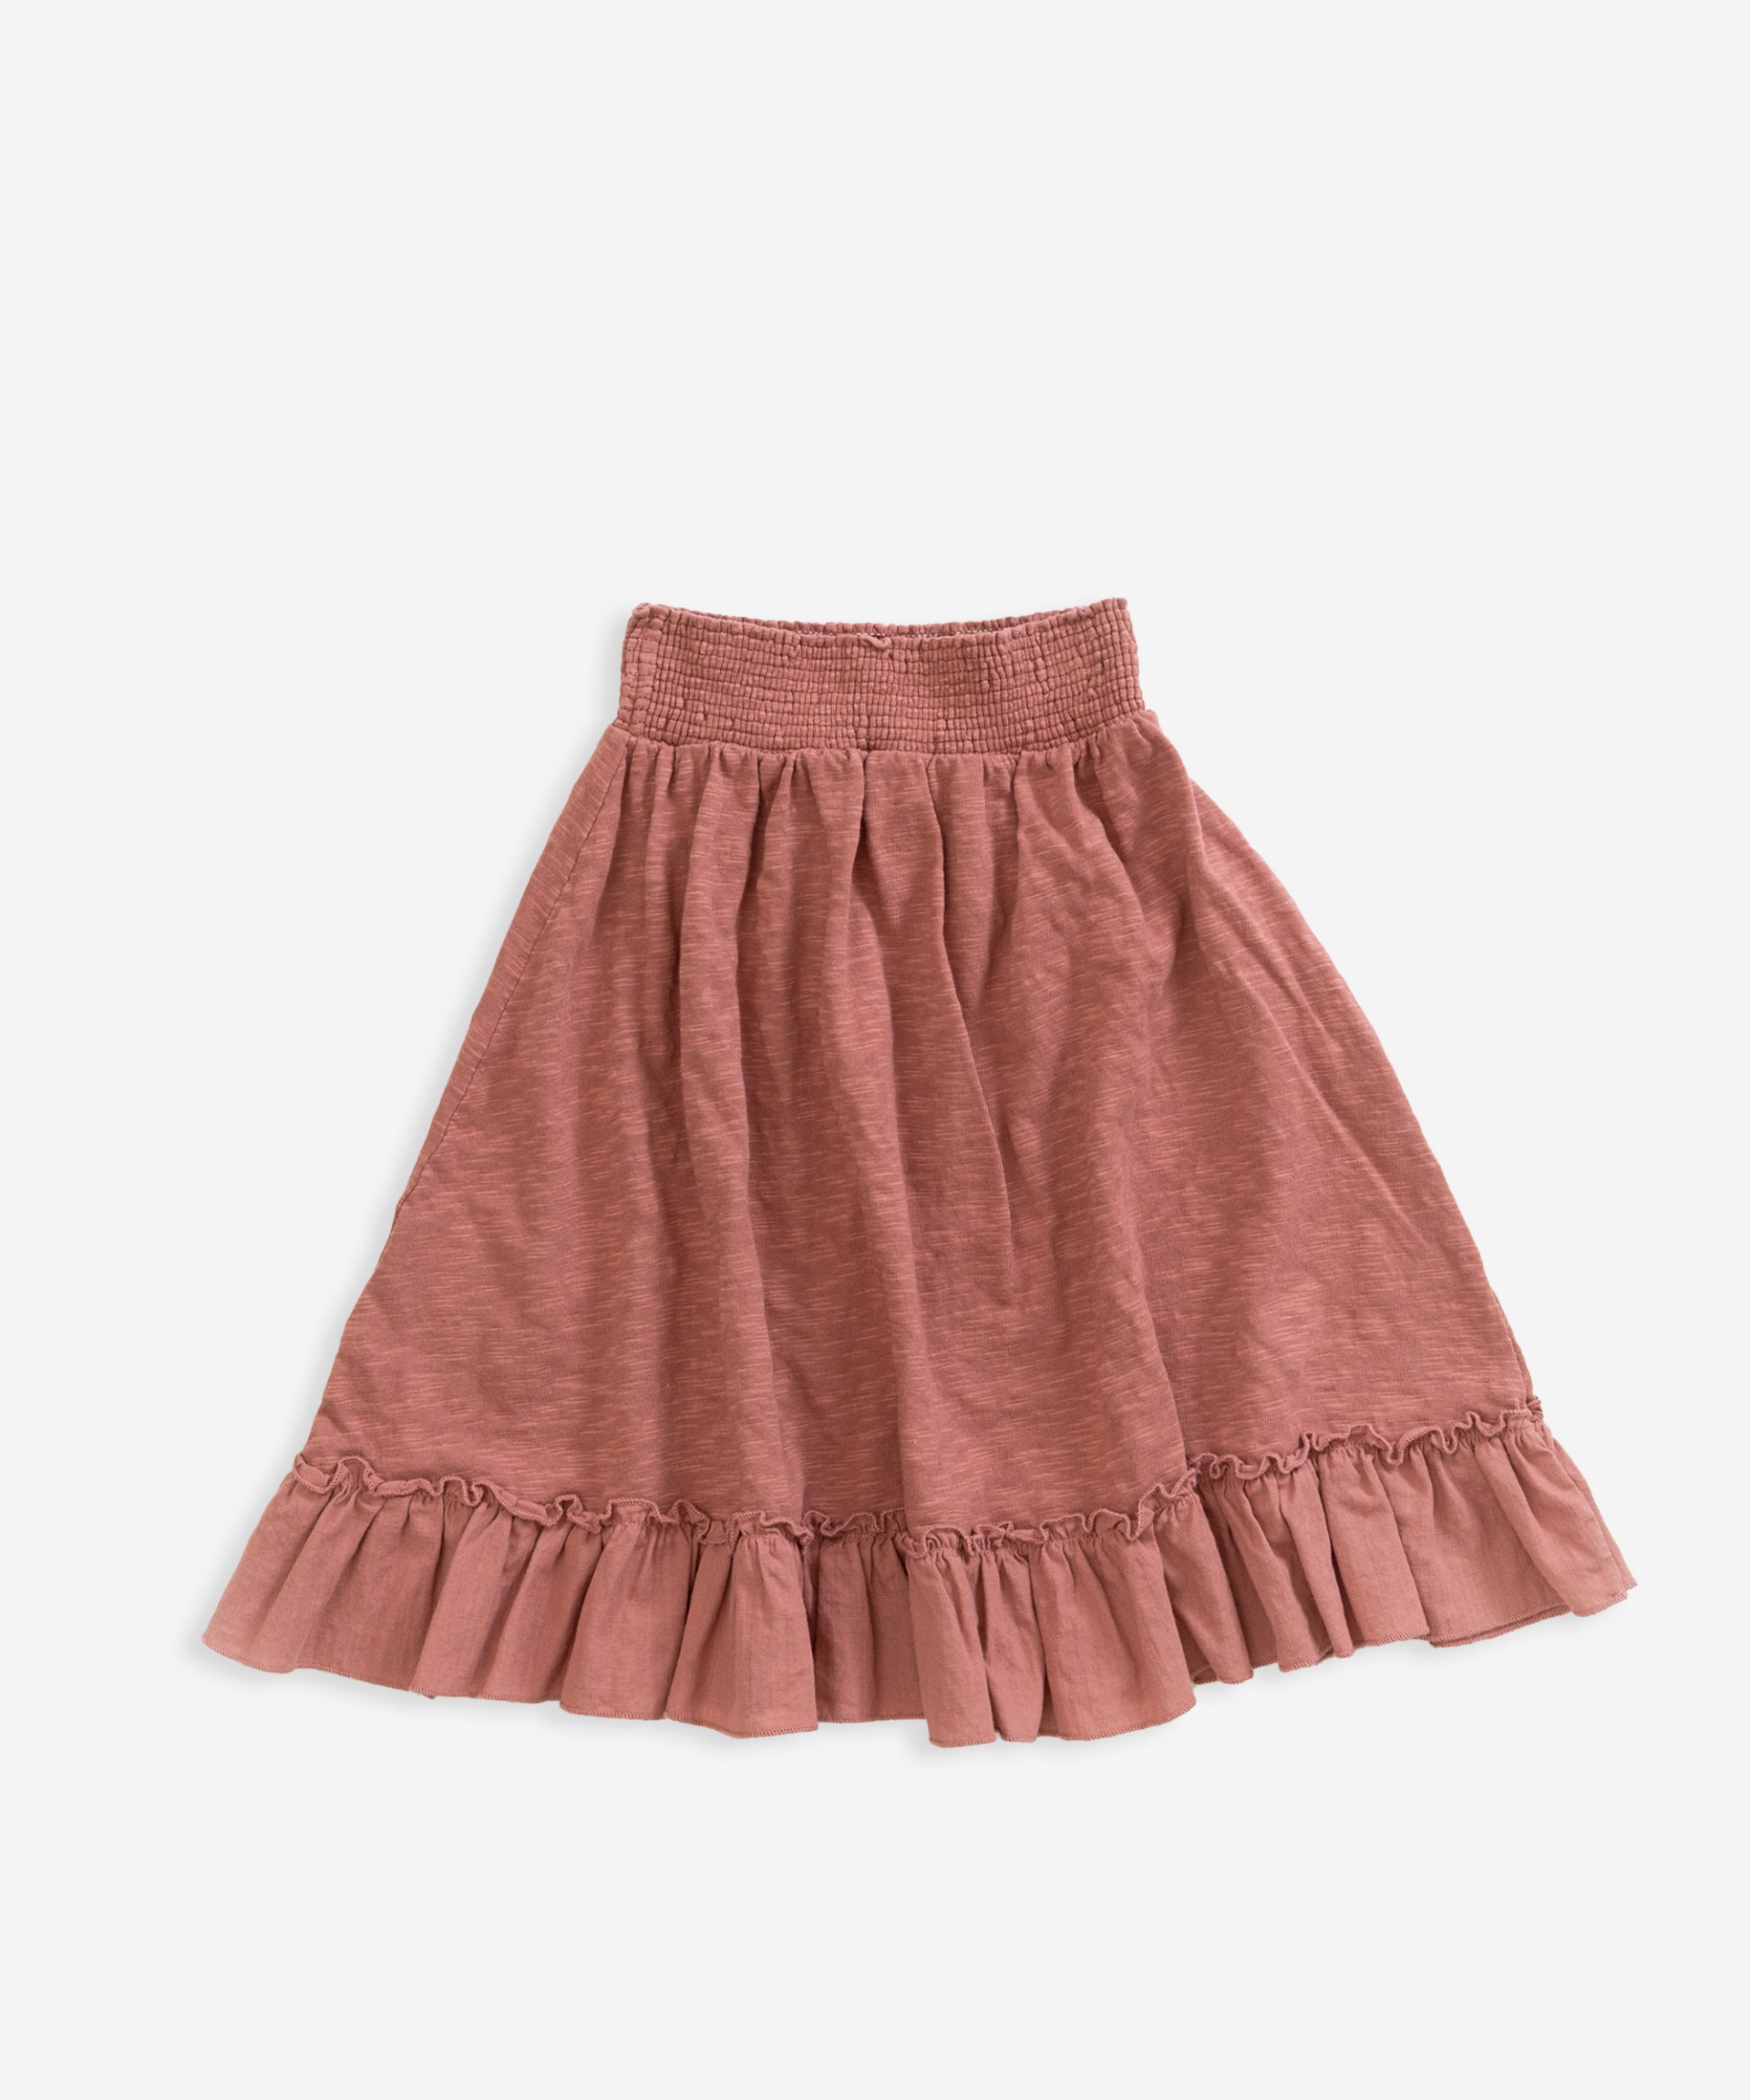 Falda de algodón orgánico | Weaving